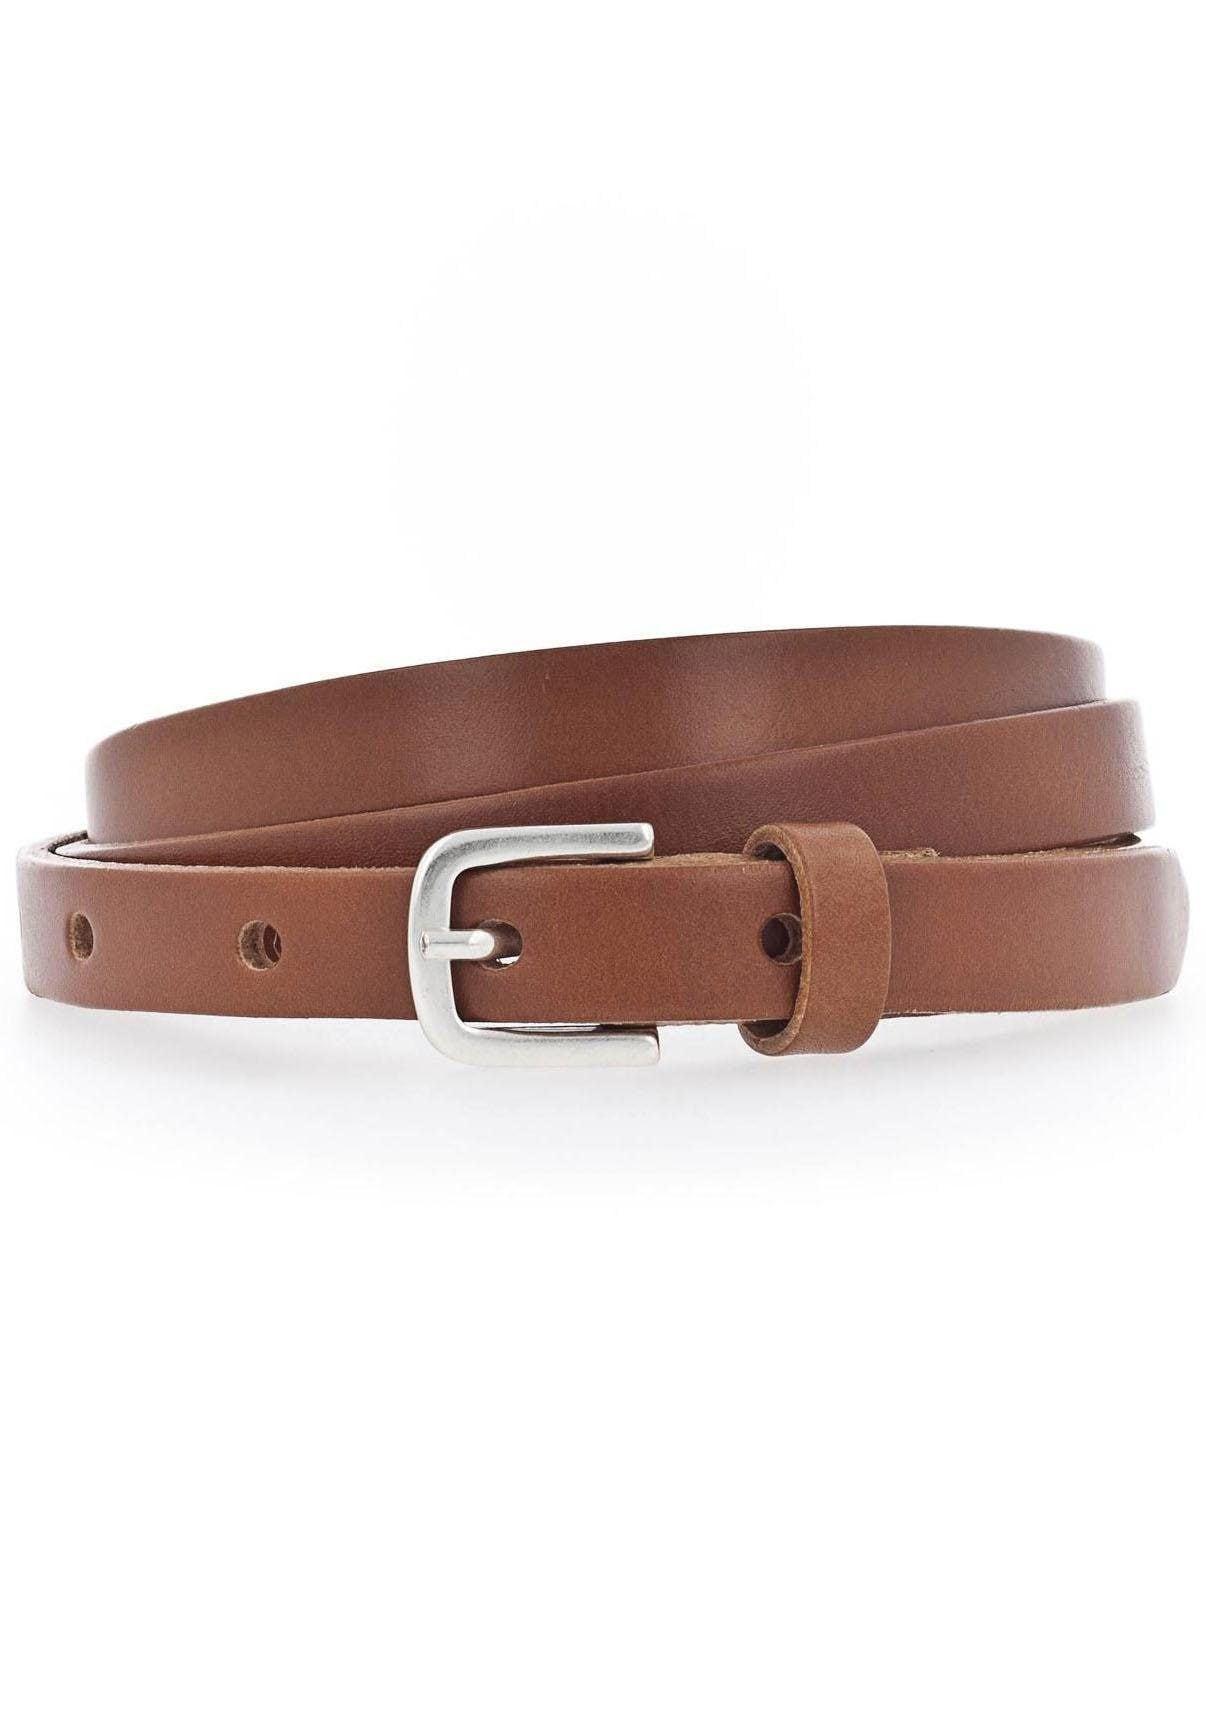 Vanzetti Ledergürtel, Überlänge, lässige Spitze zum Knoten braun Damen Ledergürtel Gürtel Accessoires